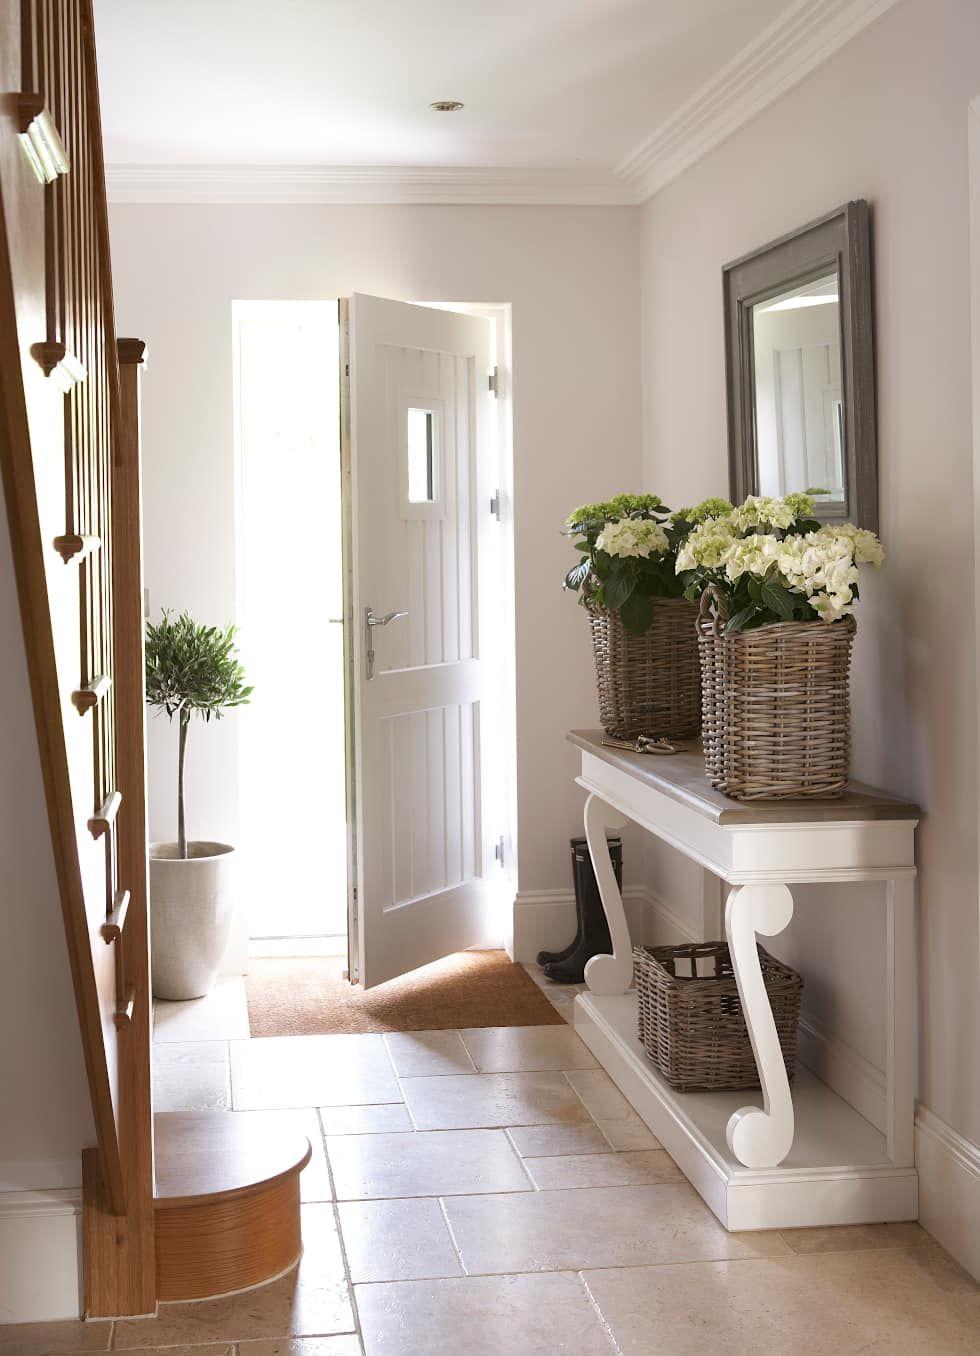 Haus flur design-ideen wohnideen interior design einrichtungsideen u bilder  hausflur